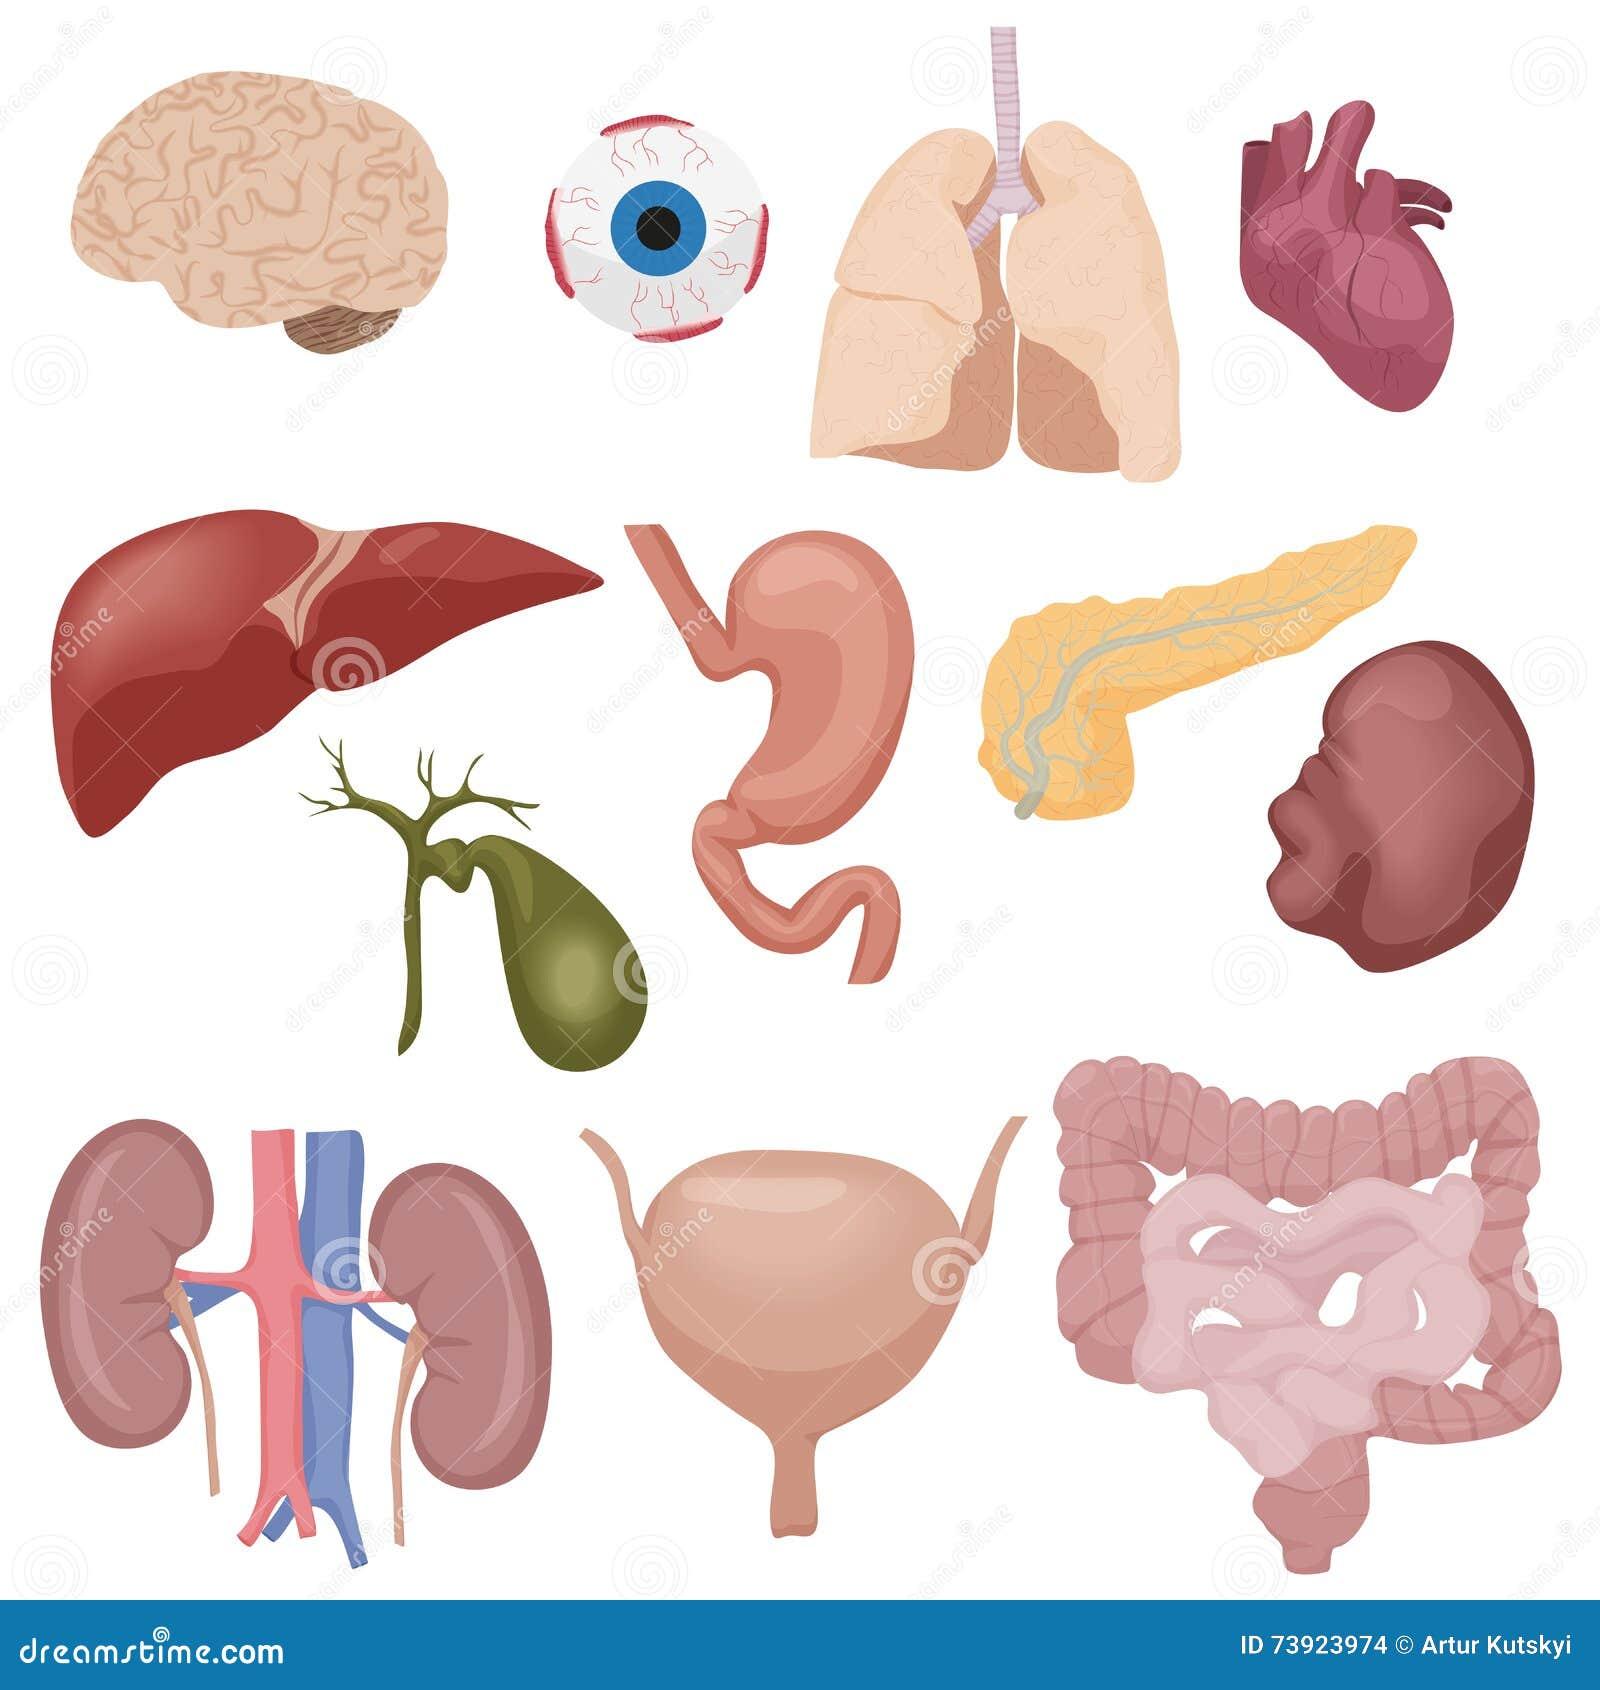 Perfecto órganos Dentro Del Cuerpo Colección de Imágenes - Anatomía ...